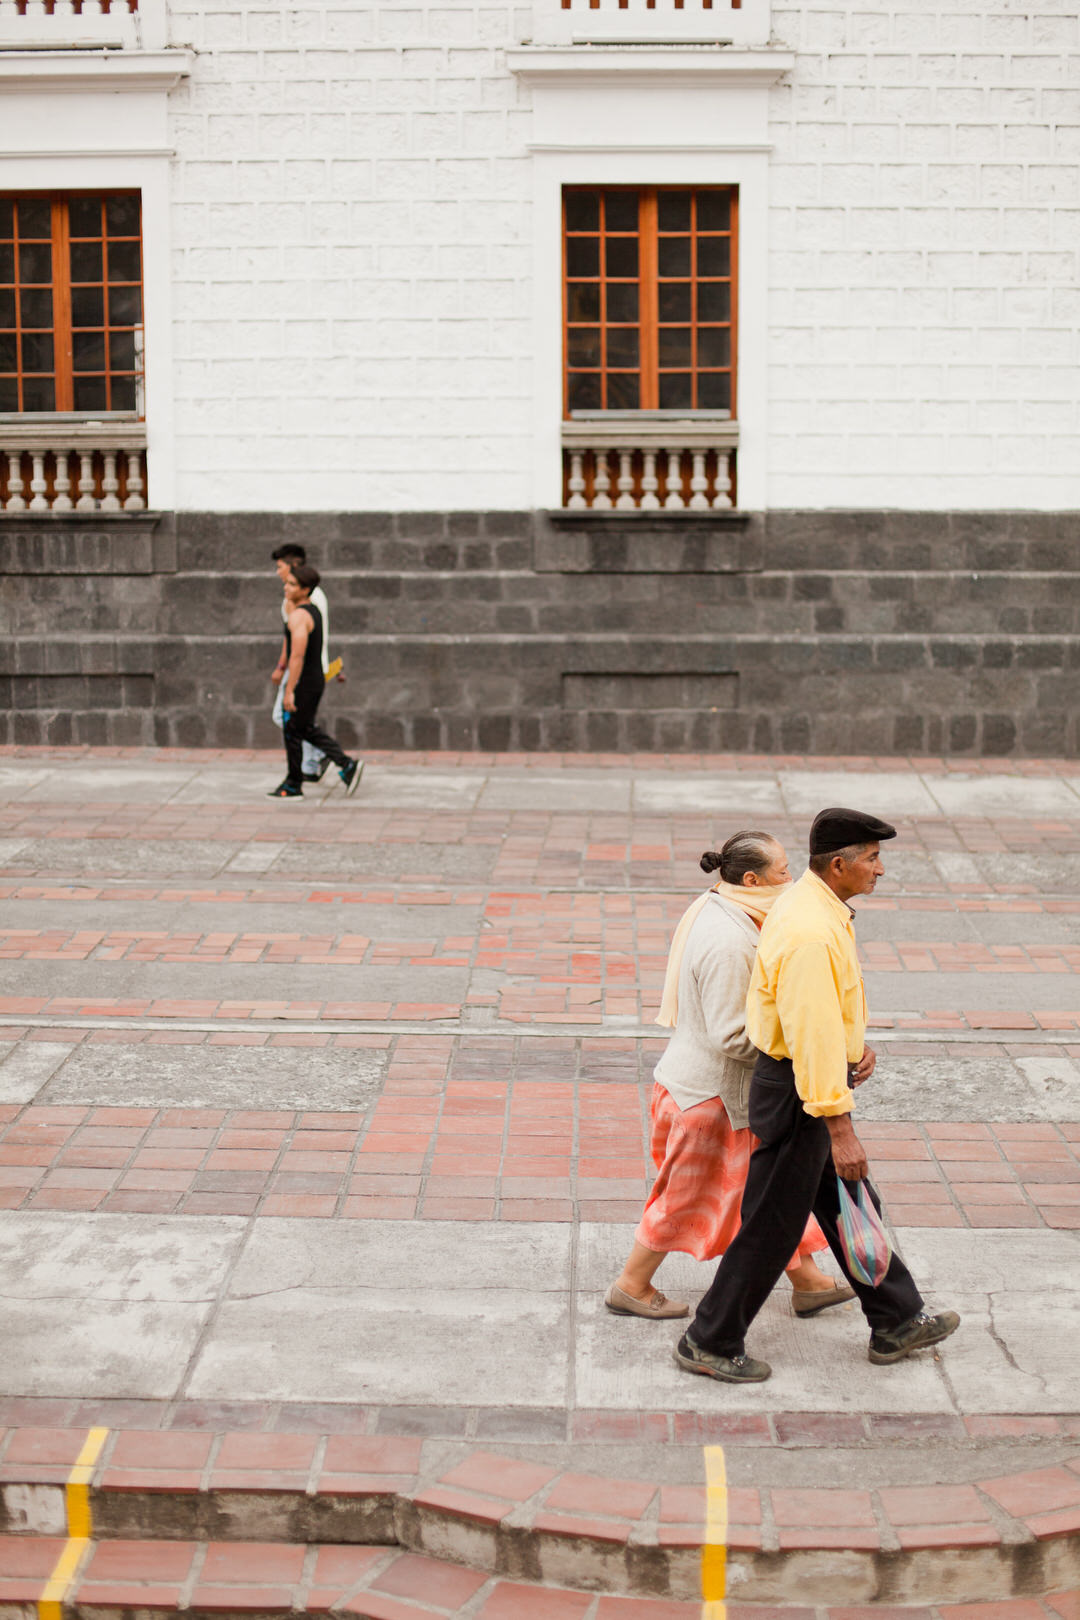 melissa kruse photography - Banos, Ecuador-2.jpg